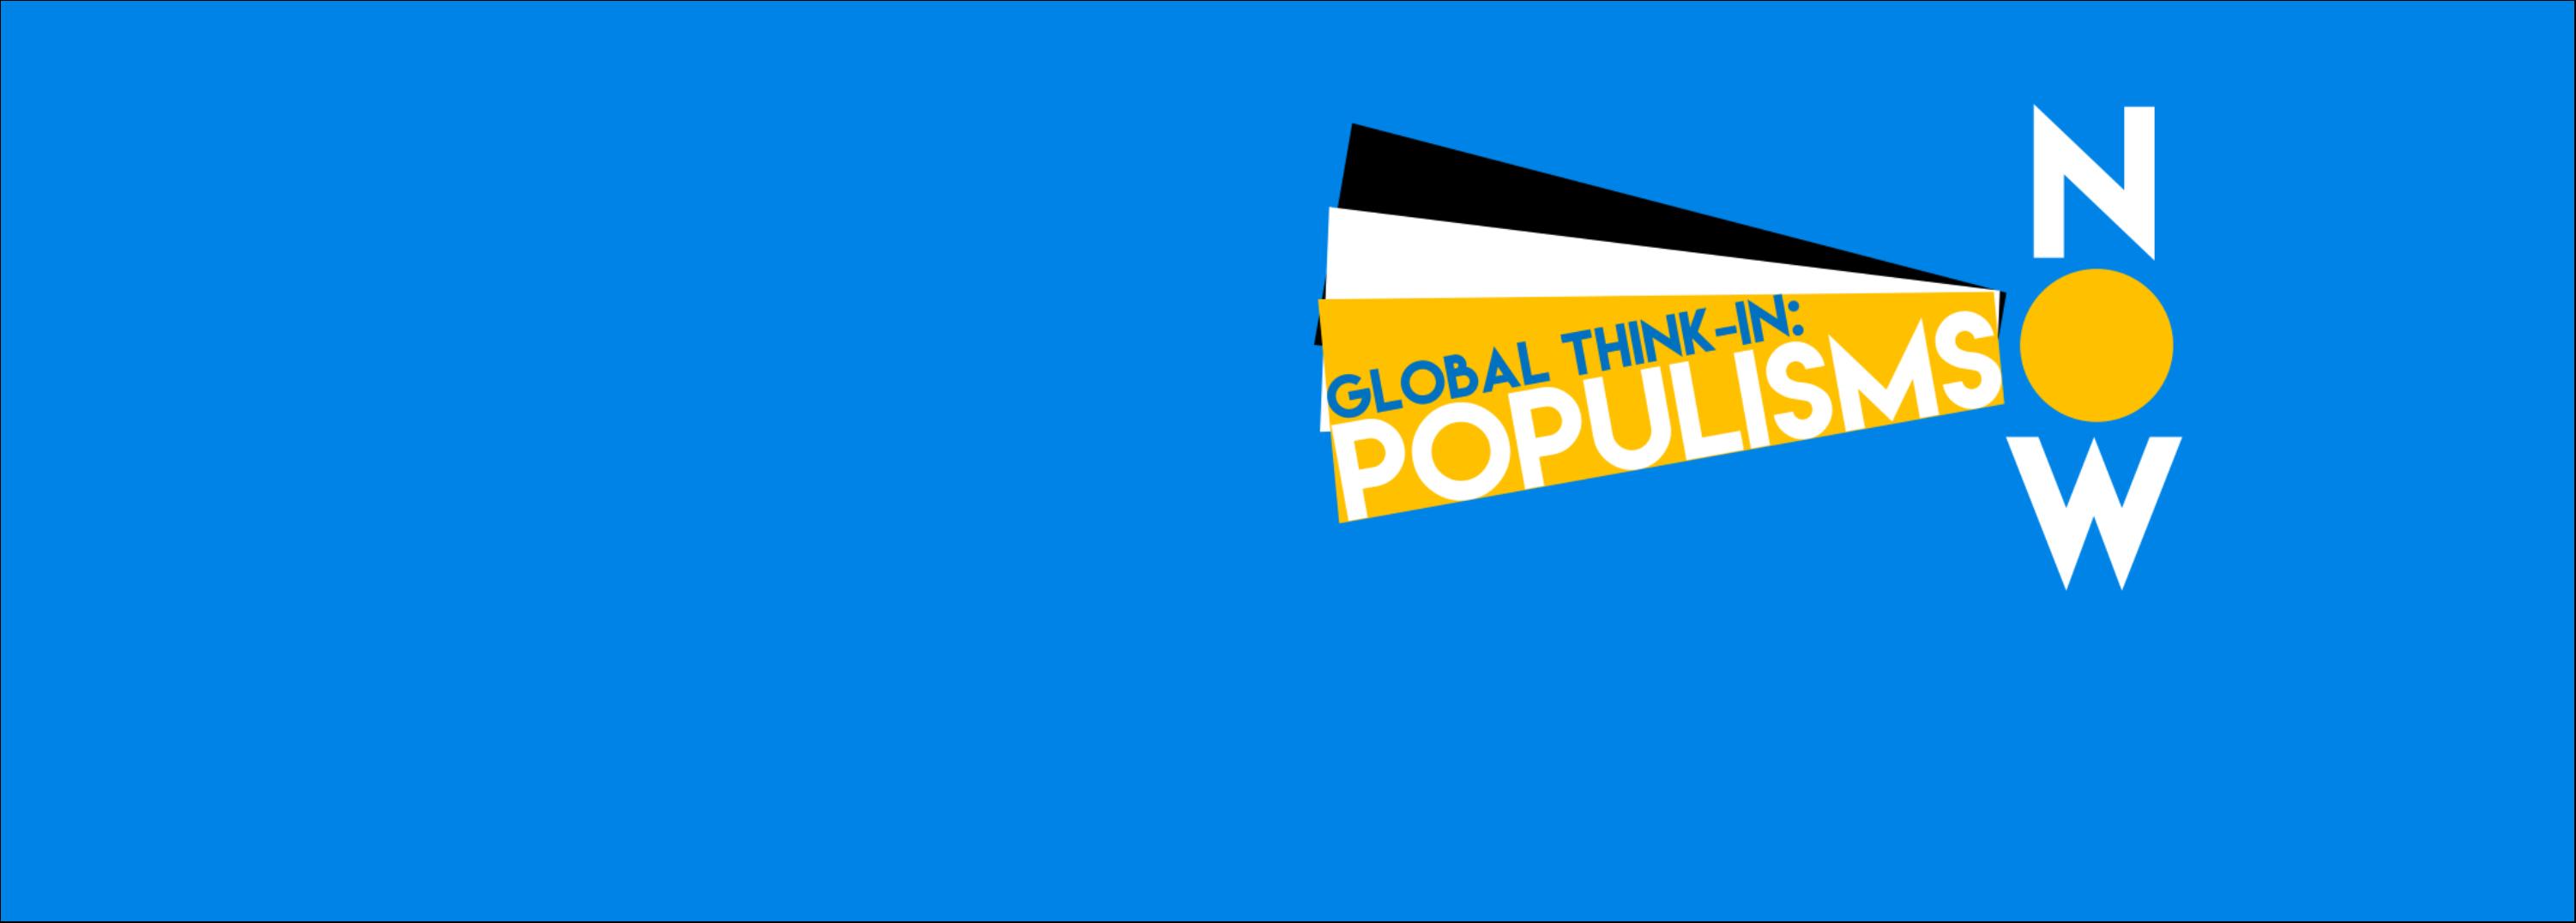 populisms-now-website-slide